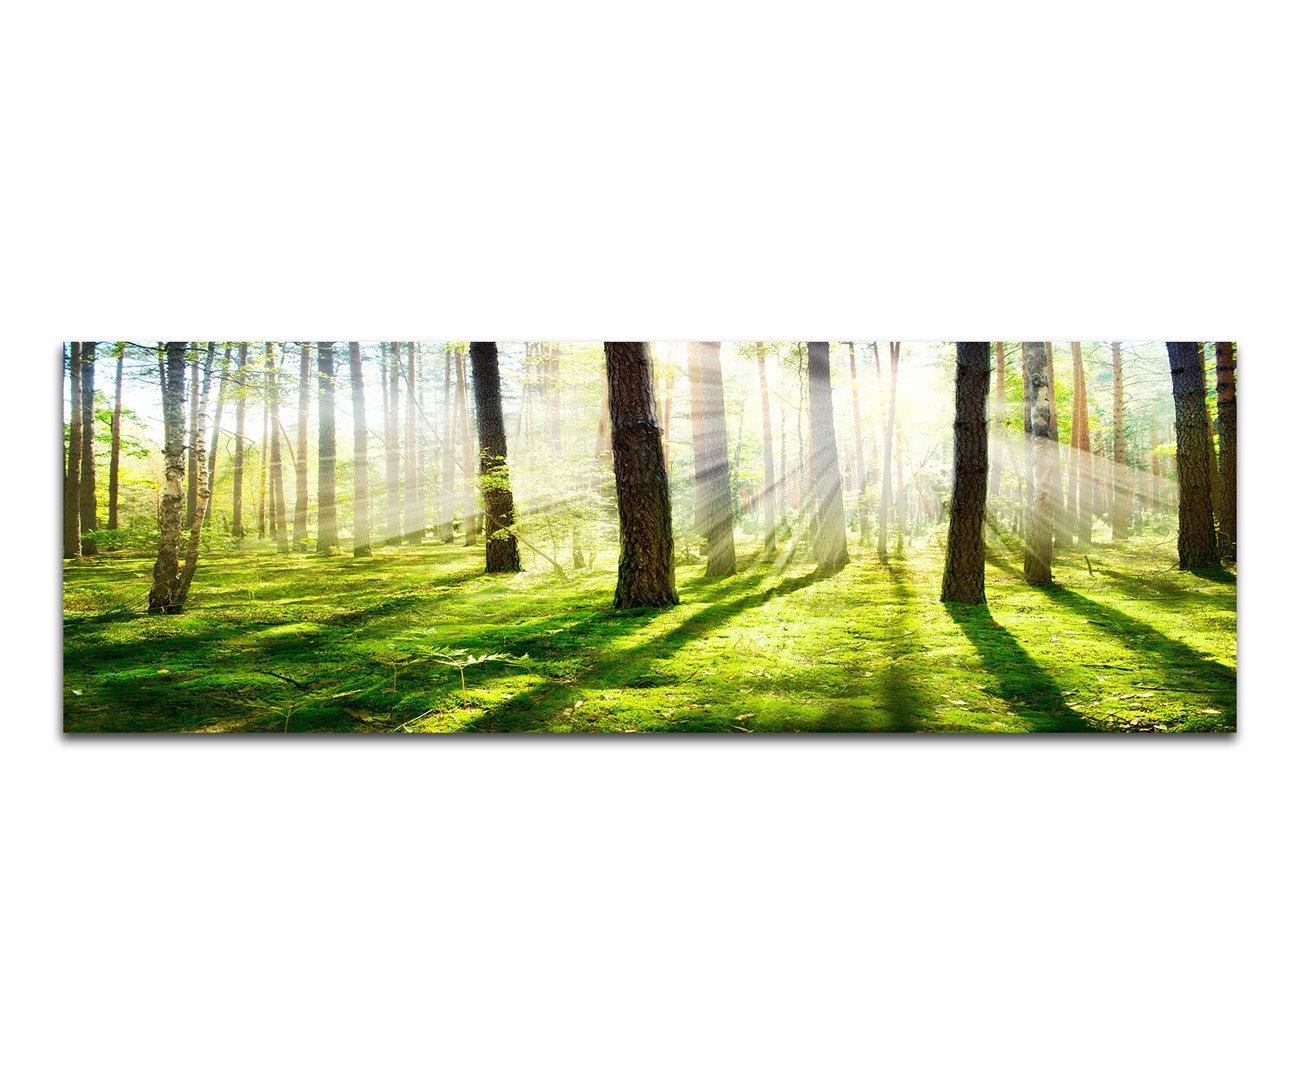 Panoramabild Panoramabild Panoramabild XXL auf Leinwand und Keilrahmen 180x70cm Wald Bäume Frühling Sonnenstrahlen df41b4